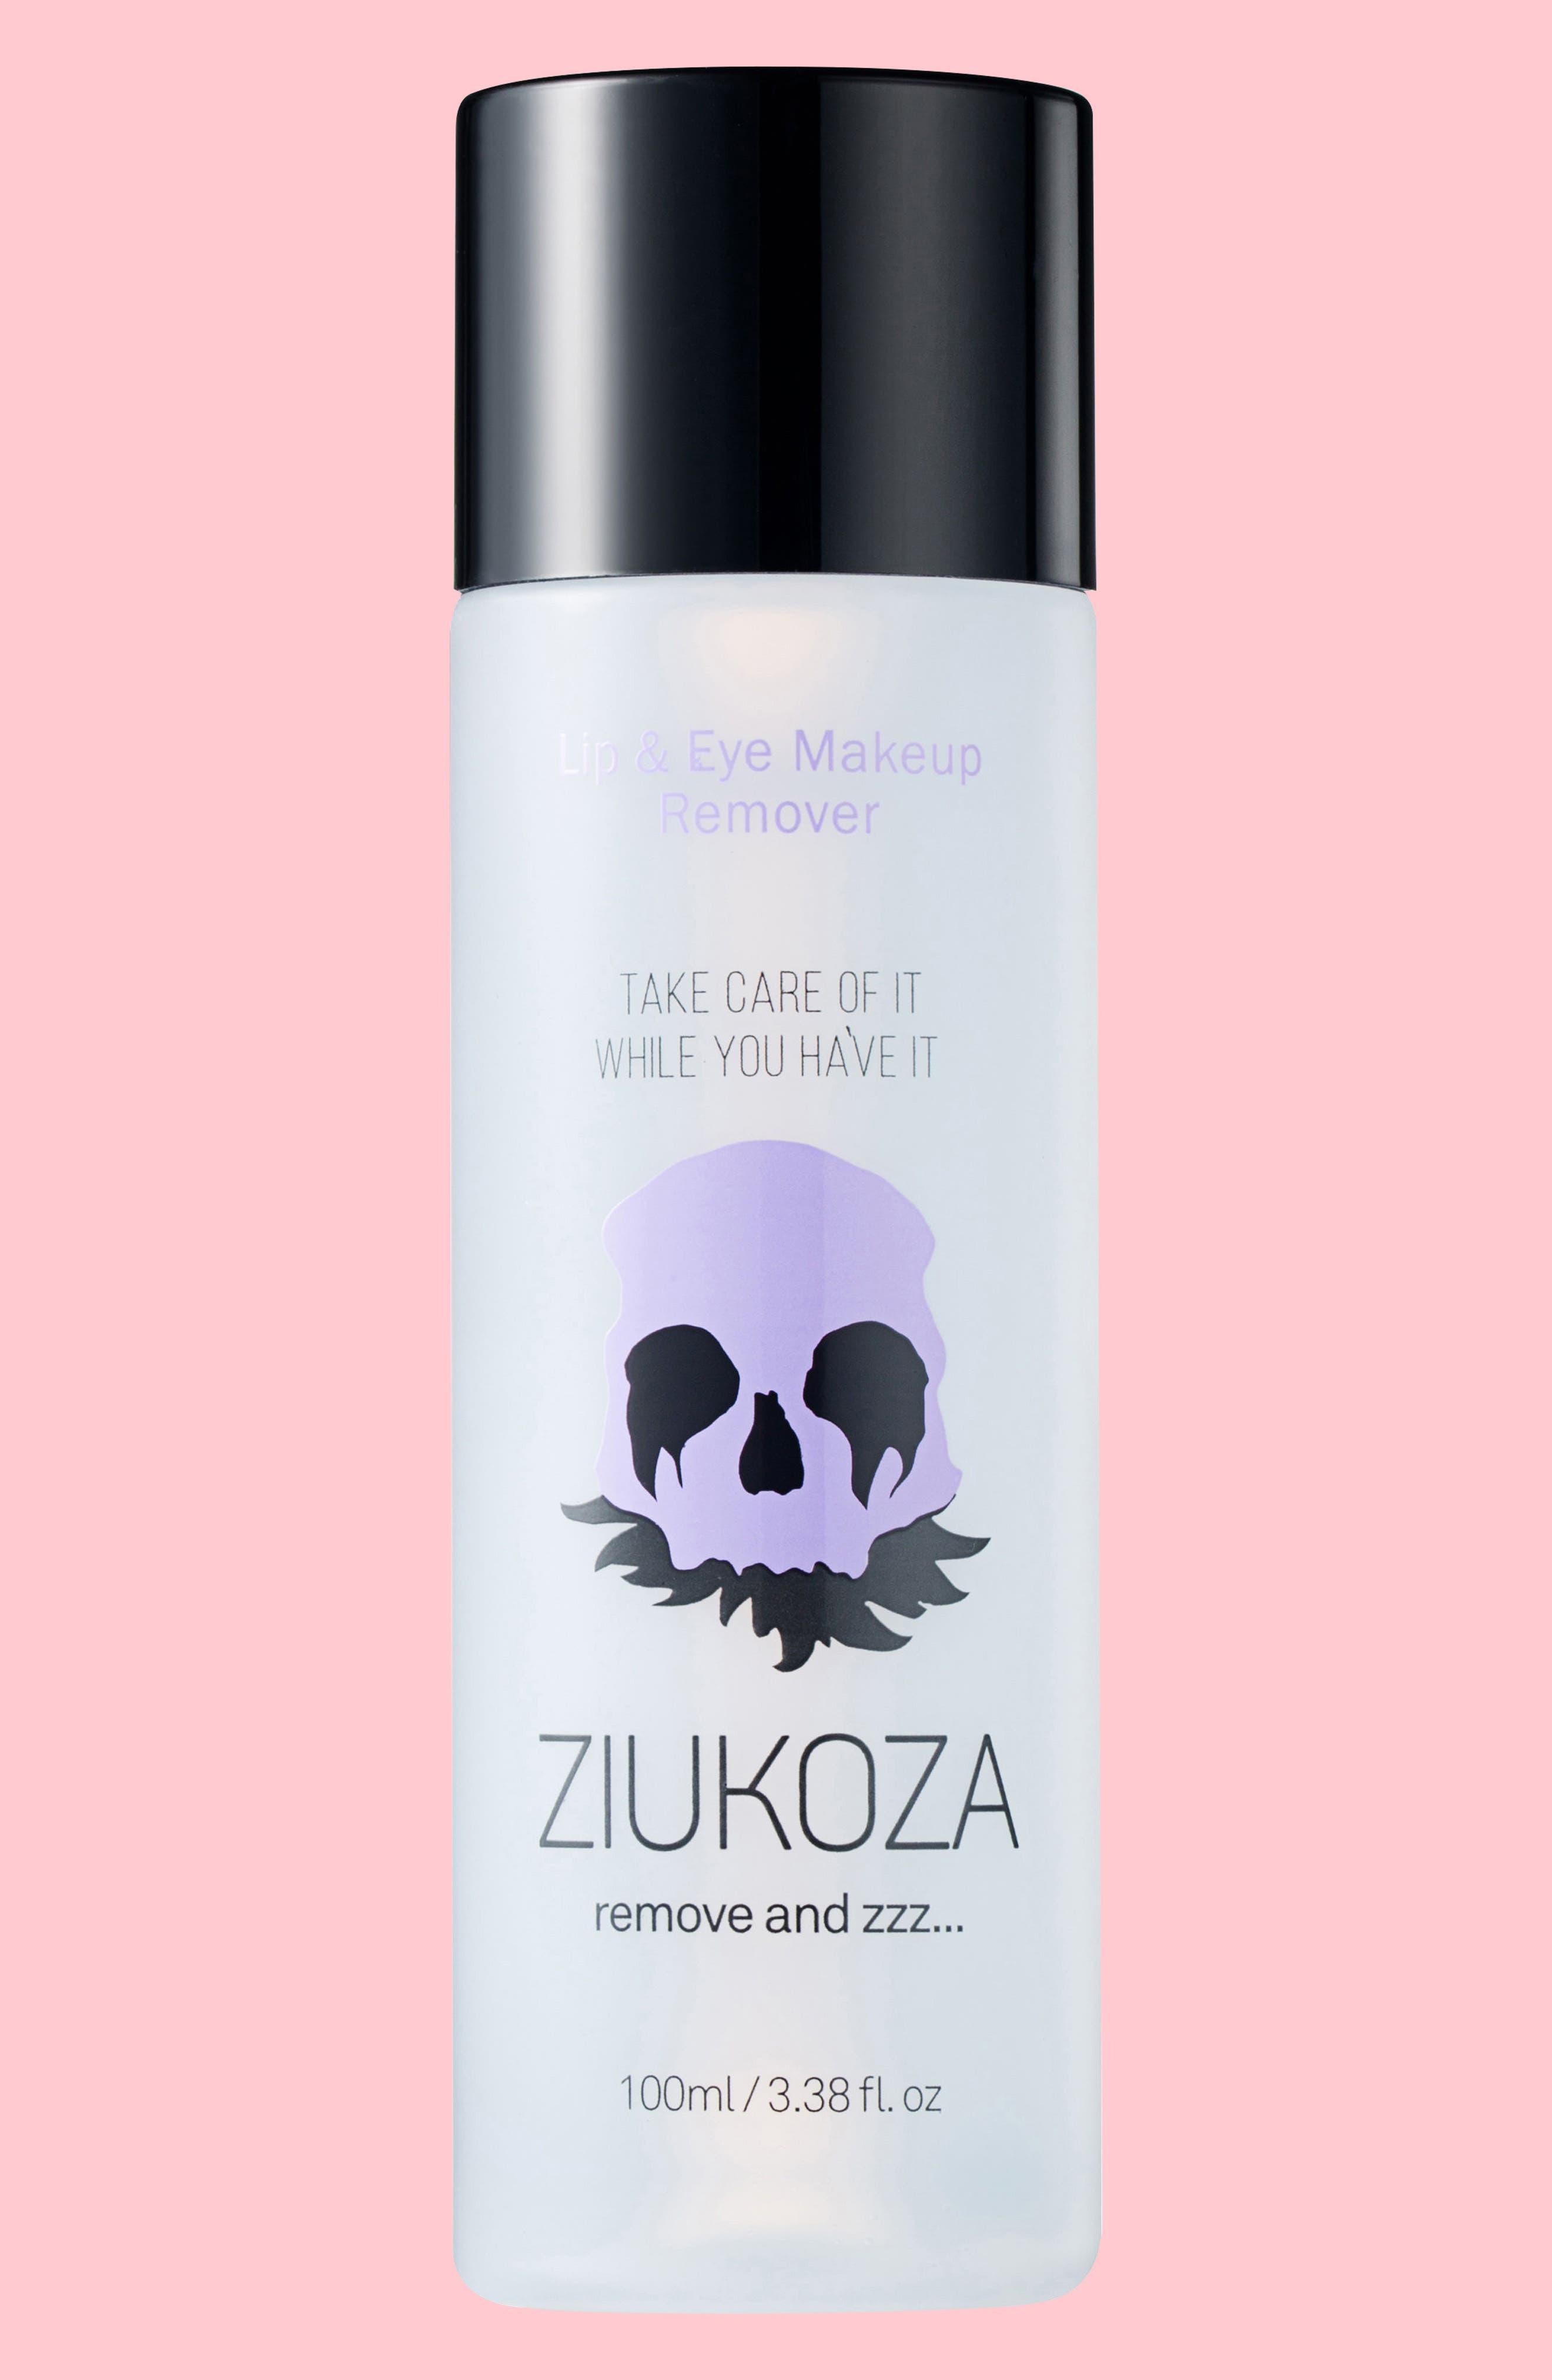 Ziukoza Lip & Eye Makeup Remover,                             Main thumbnail 1, color,                             000